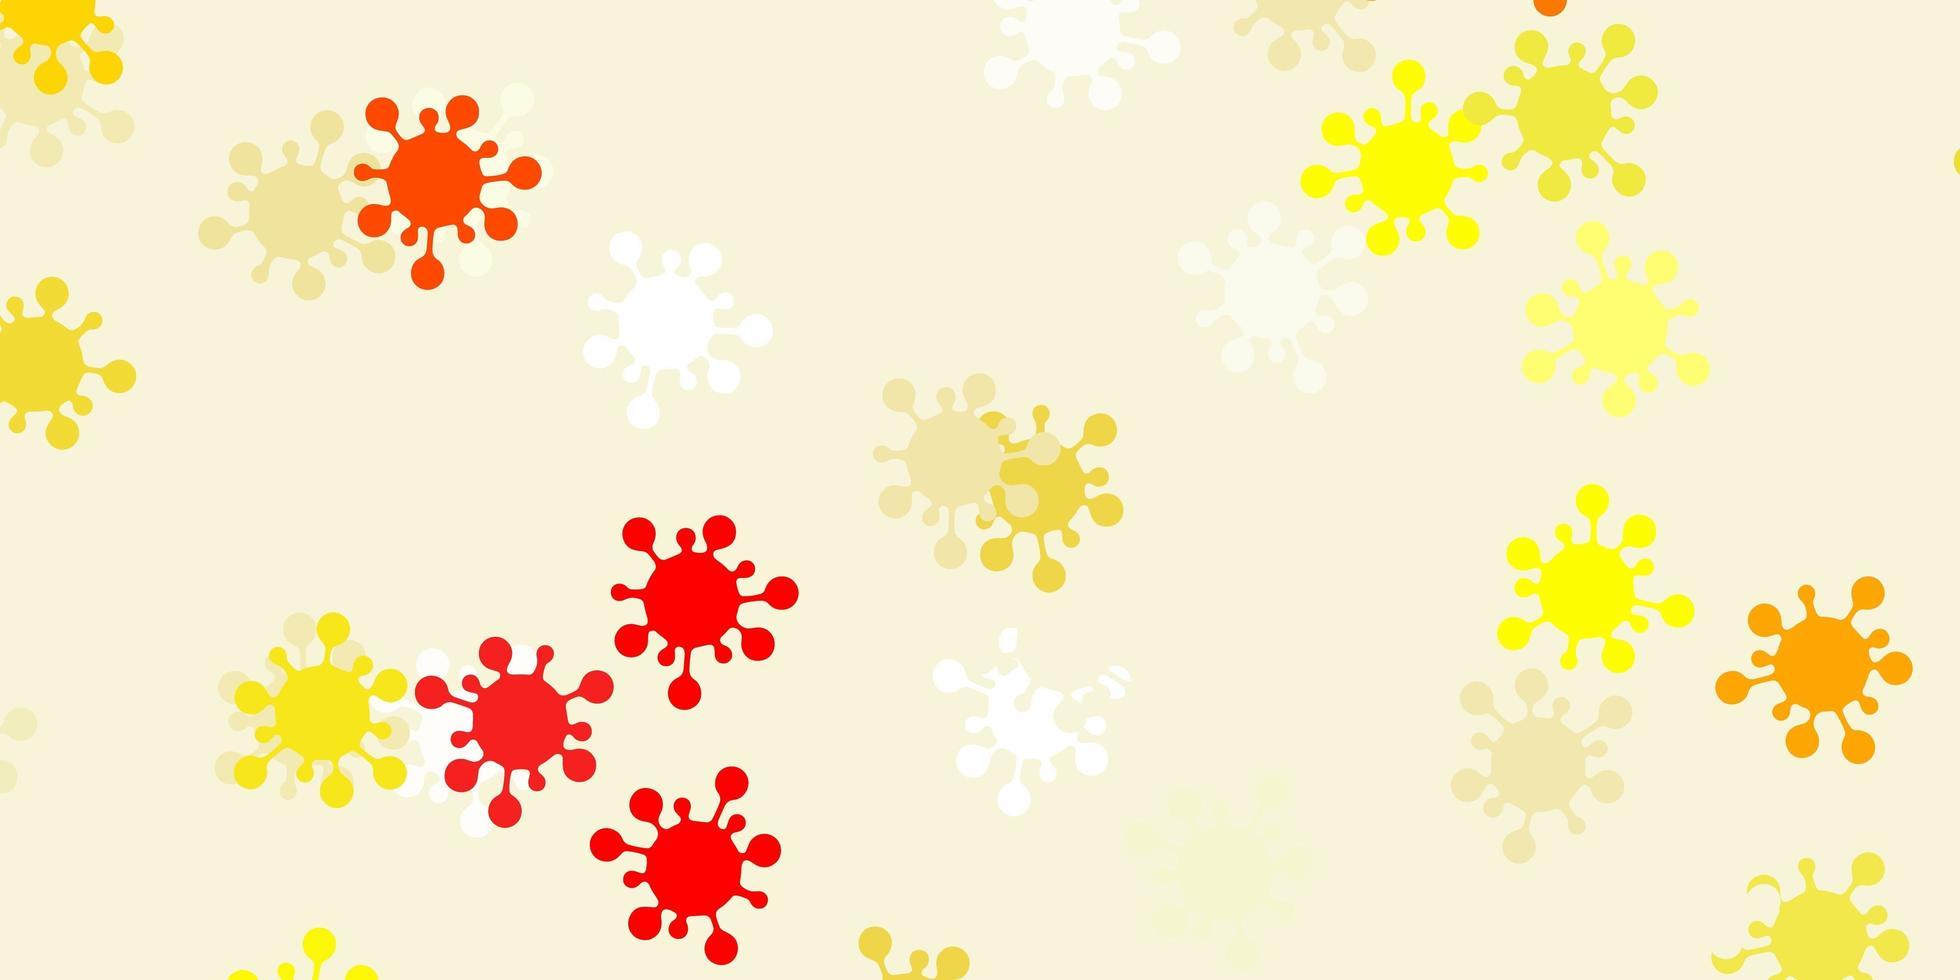 modèle vectoriel orange clair avec des signes de grippe